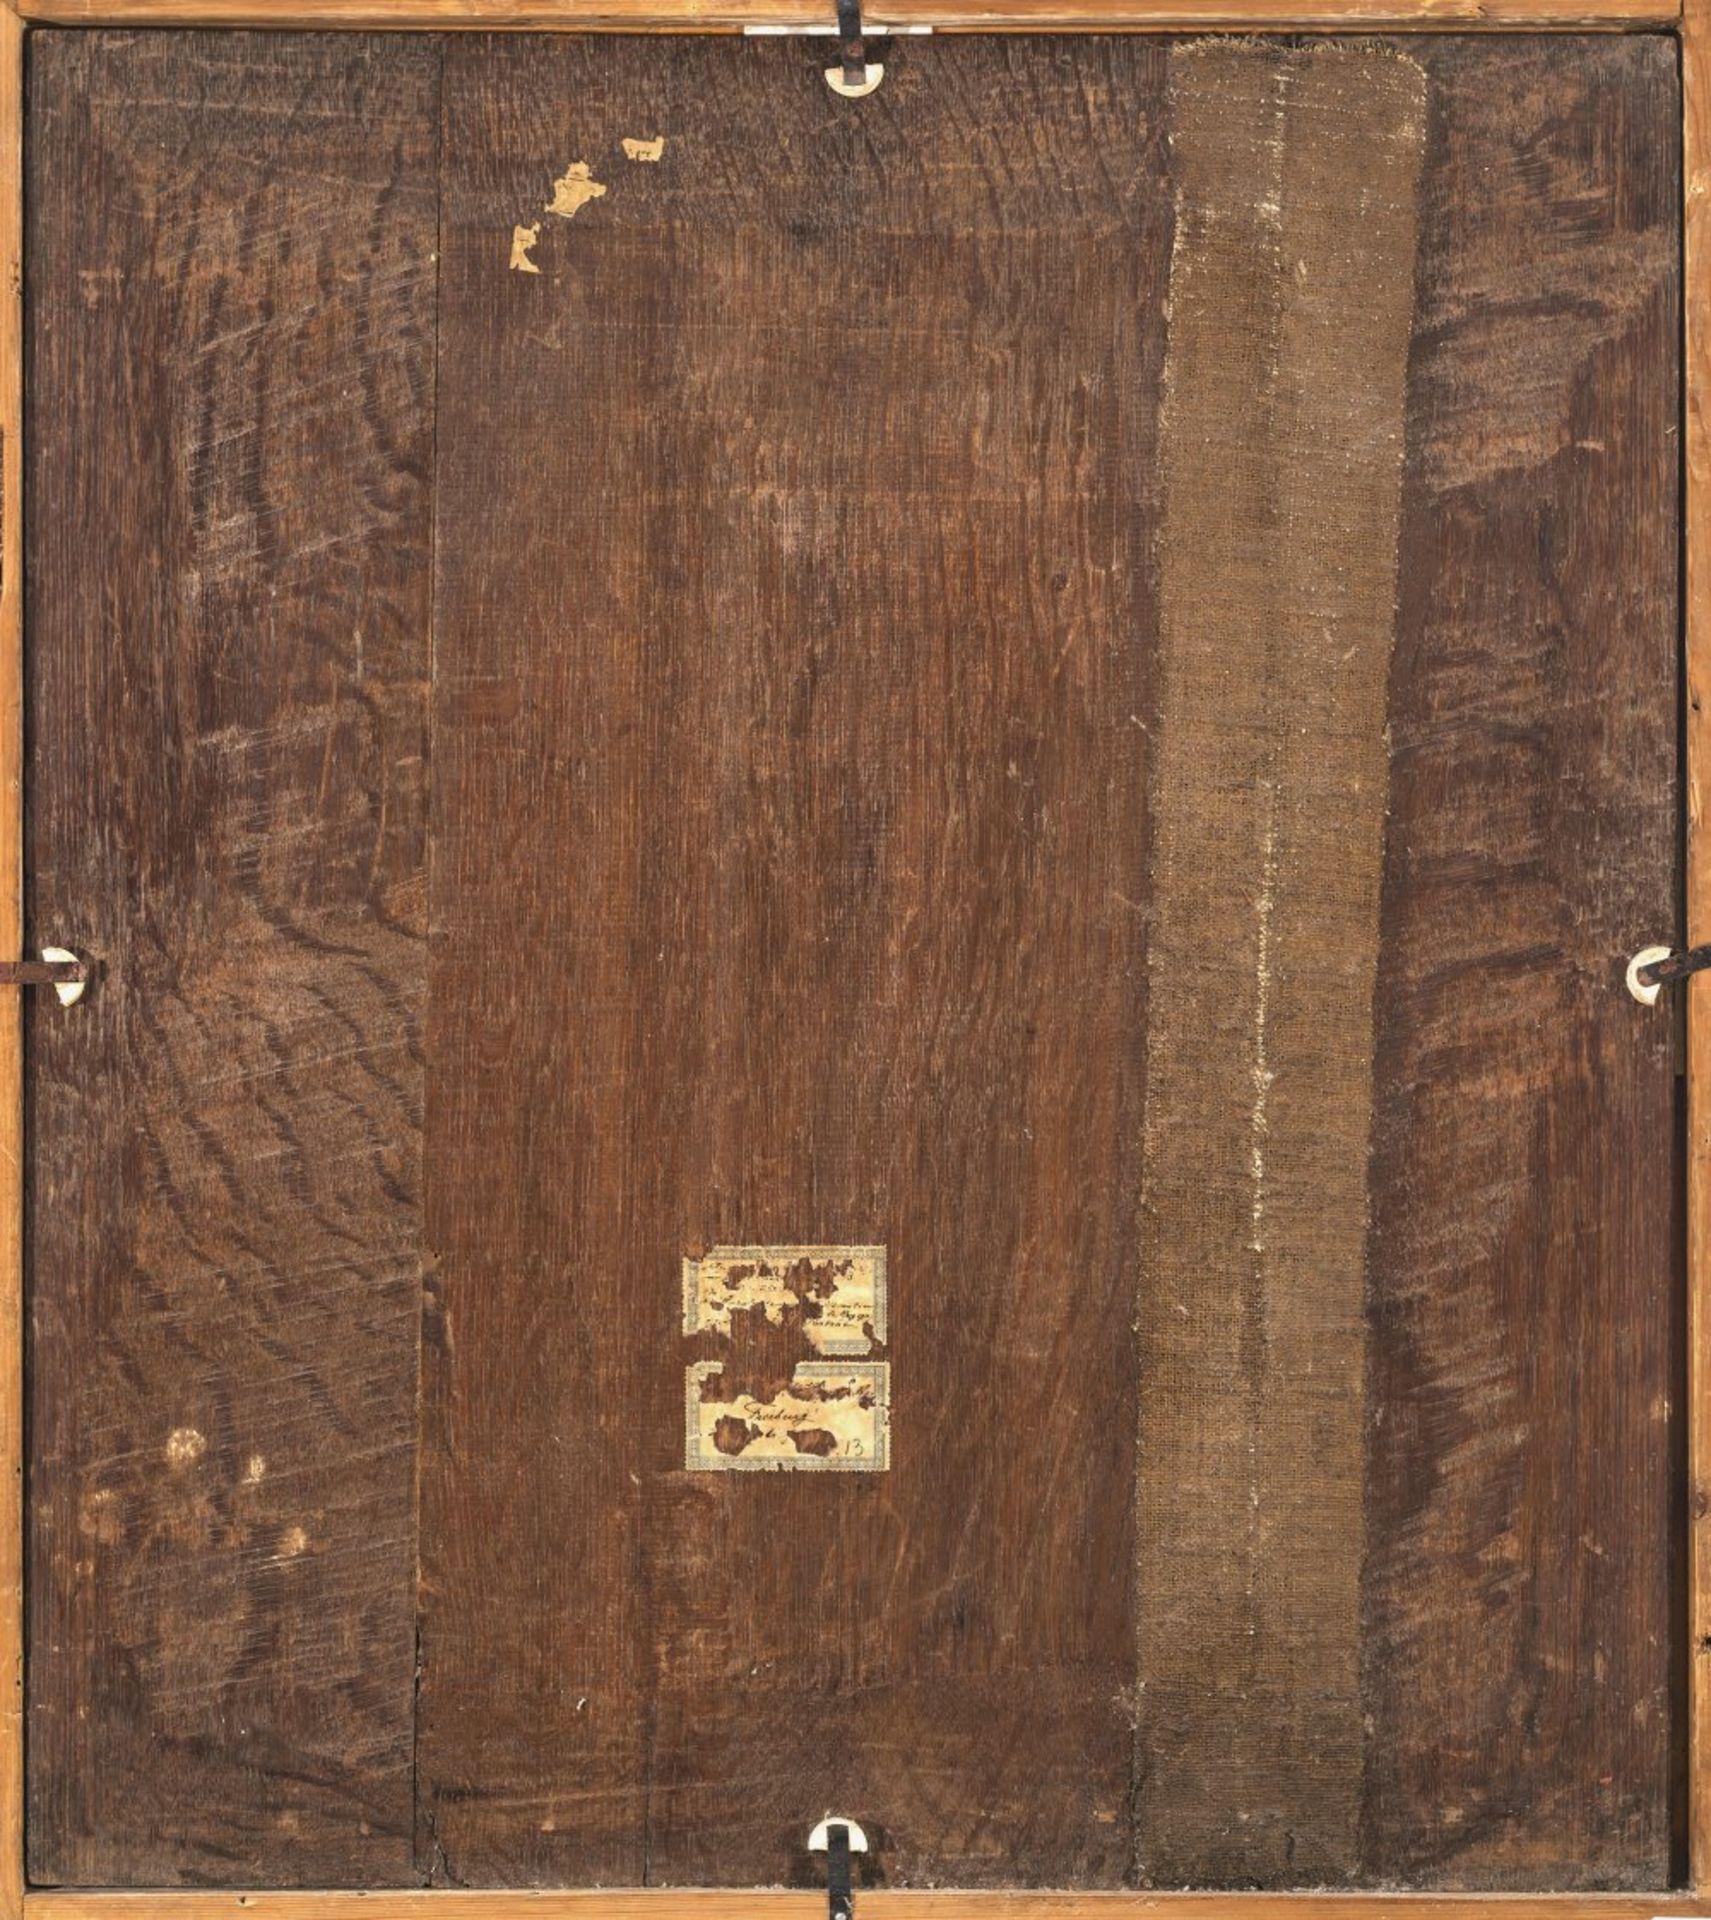 Cuyp, Jacob Gerritsz, UmkreisBrustporträt einer Dame mit Mühlsteinkragen und Haube. Öl/Holz. 69,5 - Bild 2 aus 2